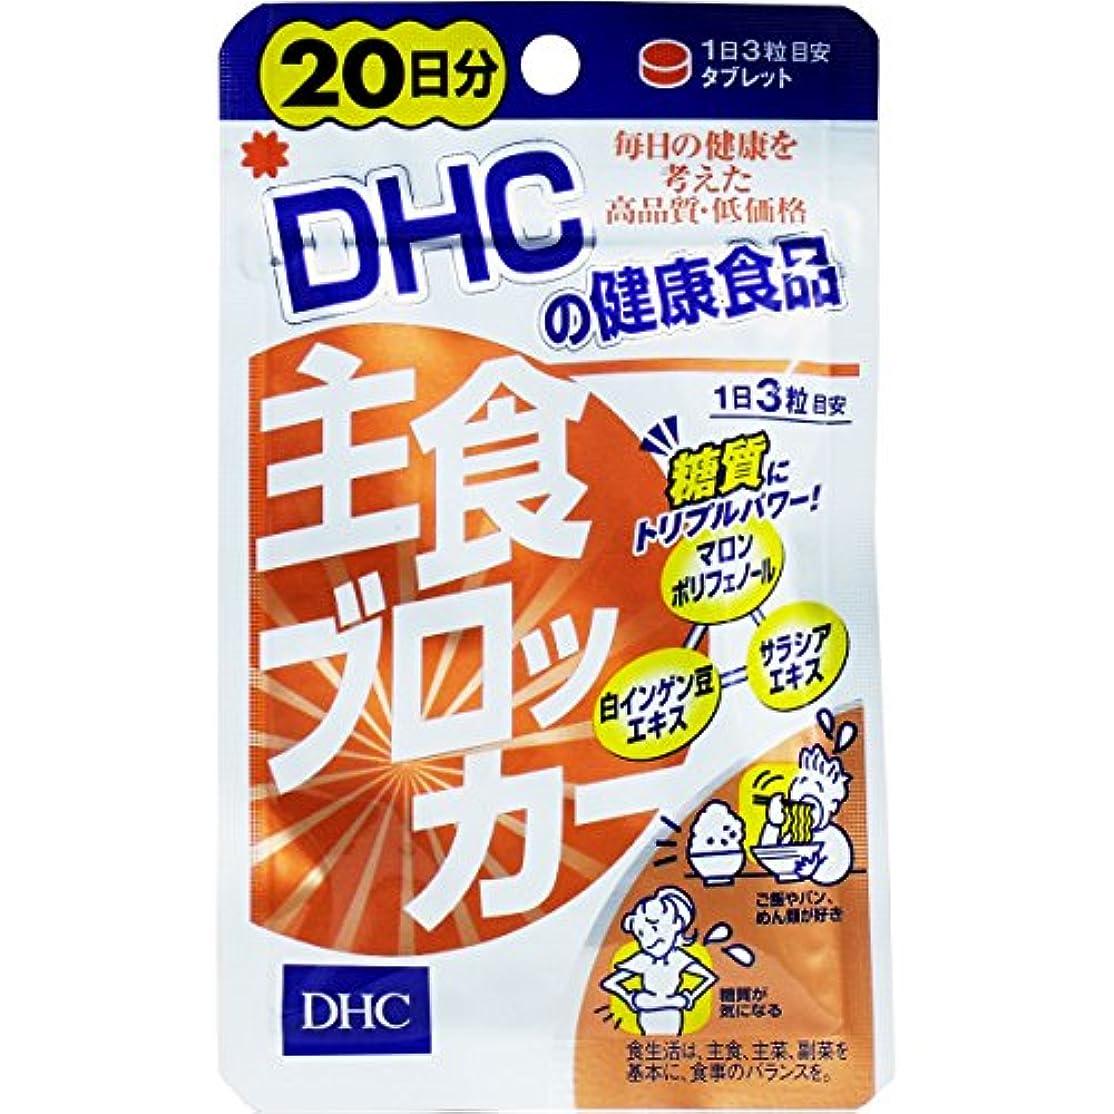 スラッシュほこり密接にサプリ 主食好きさんの、健康とダイエットに 話題の DHC 主食ブロッカー 20日分 60粒入